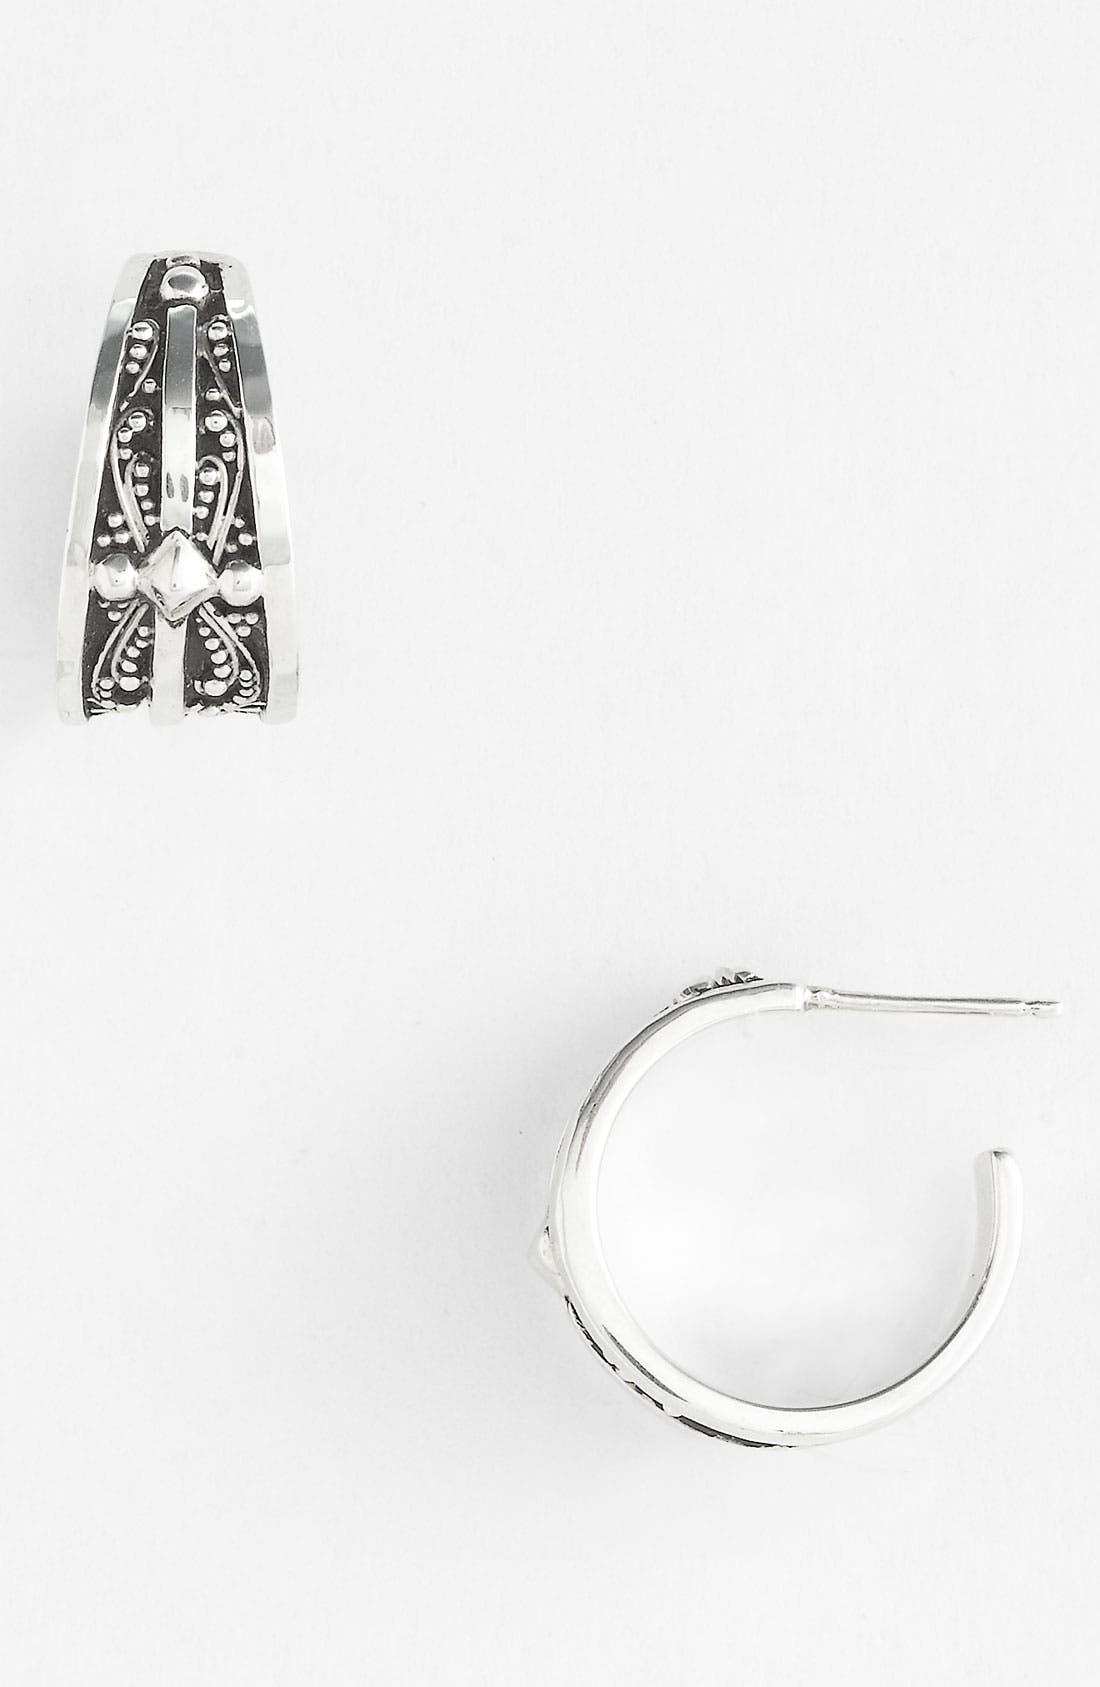 Alternate Image 1 Selected - Lois Hill 'Haveli' Cross Detail Hoop Earrings